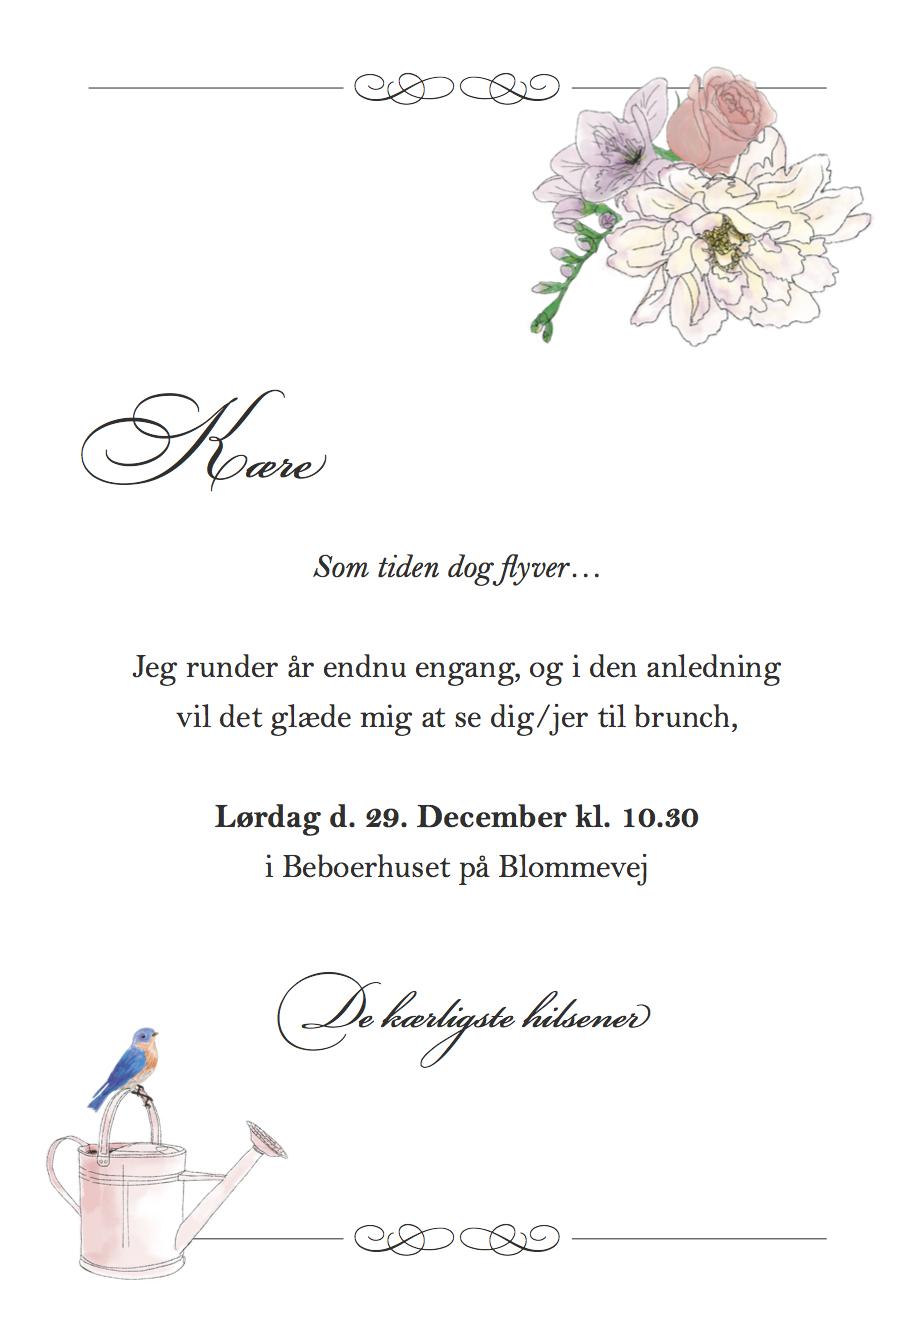 invitation-mormor80s2.jpg